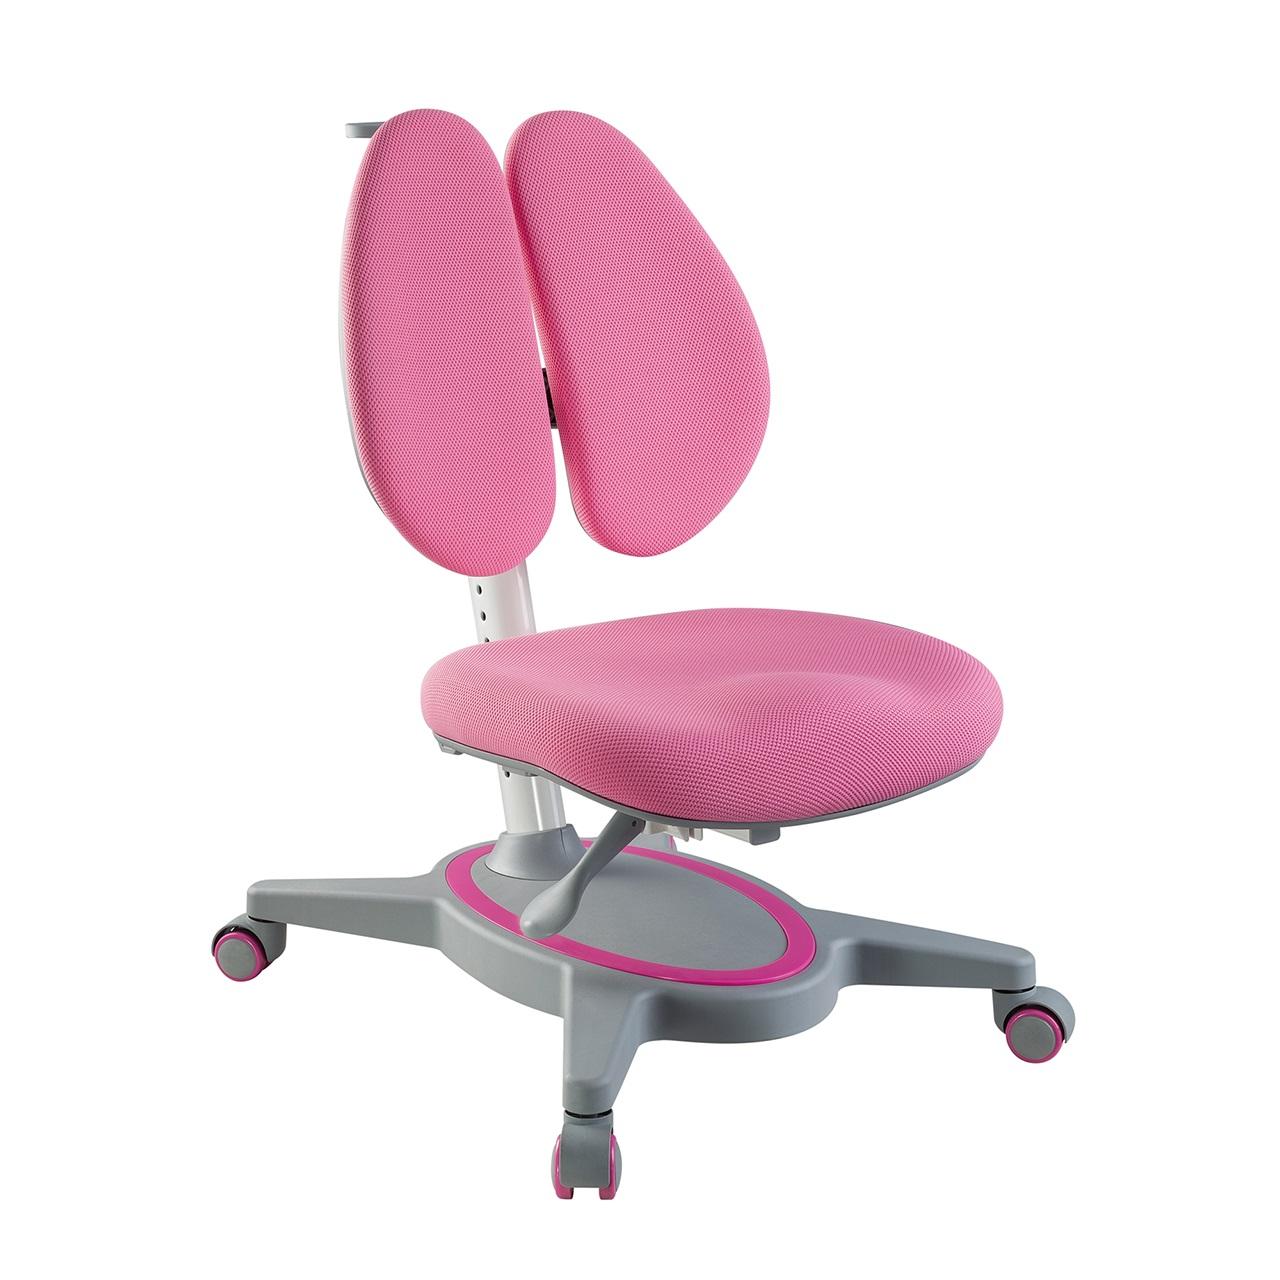 Кресло детское FunDesk Primavera II Pink, 515718, розовый